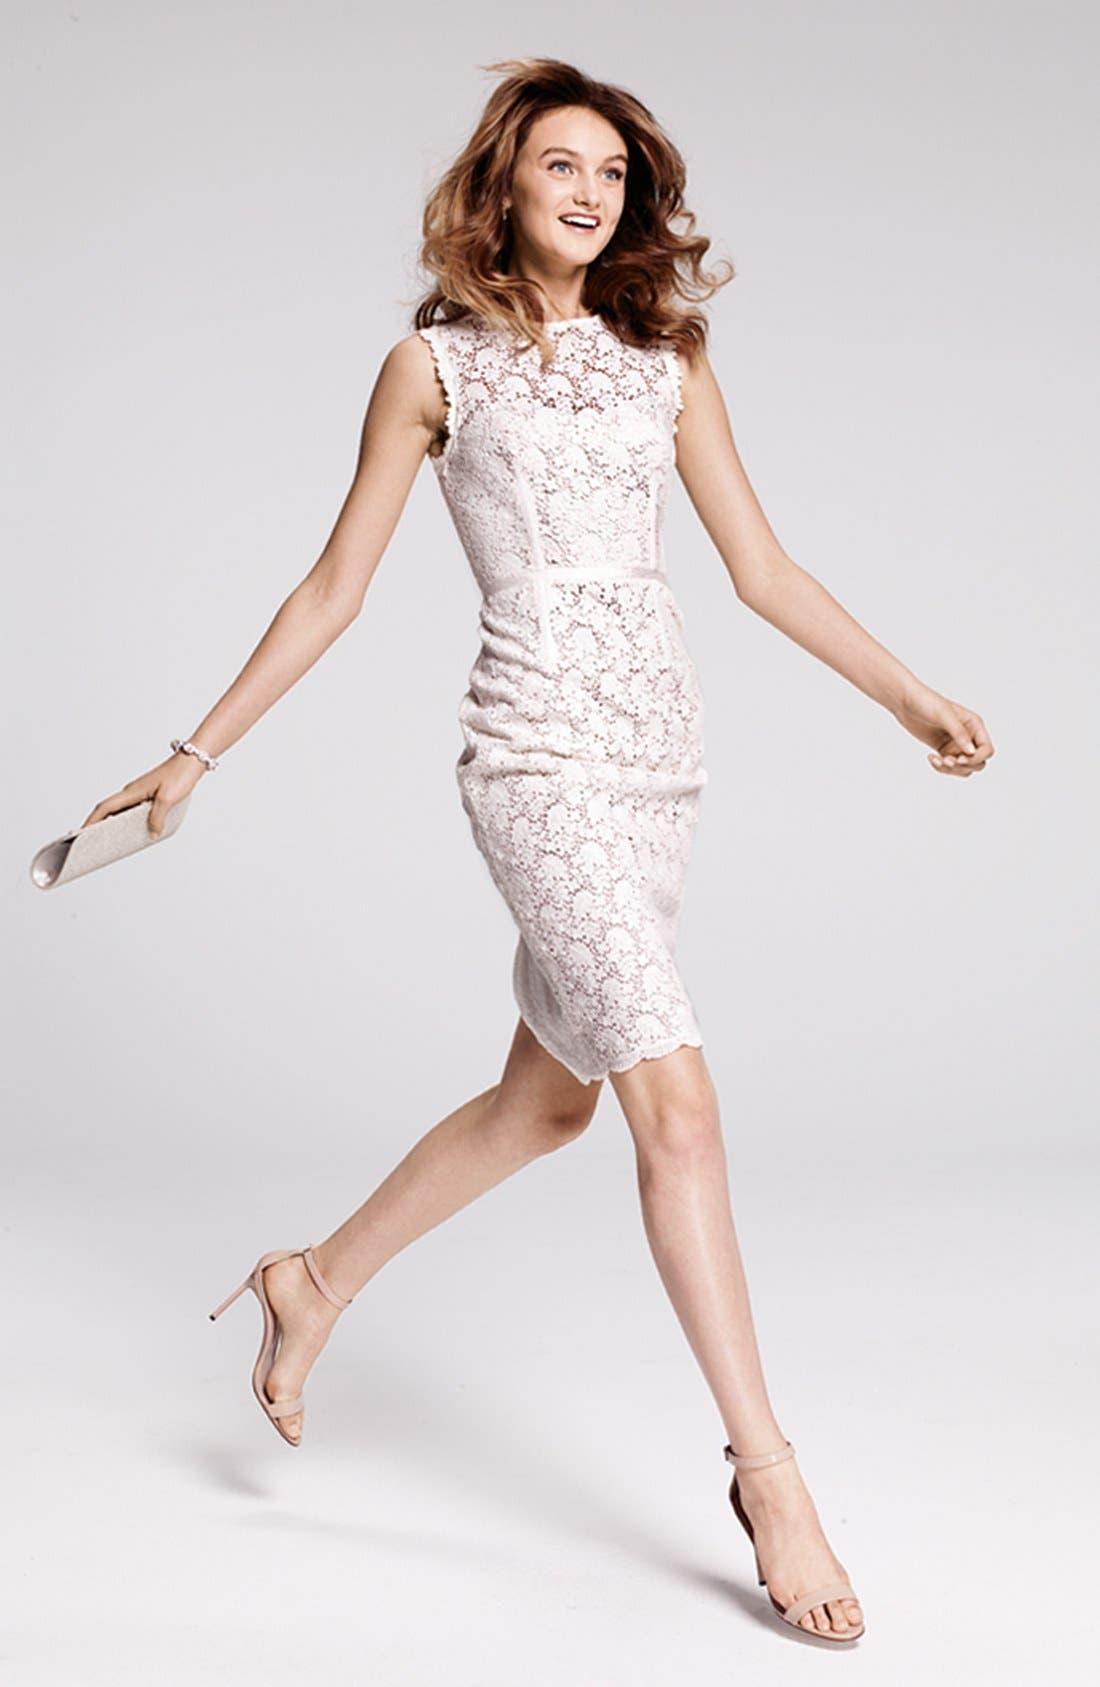 Main Image - Jill Jill Stuart Lace Dress & Accessories